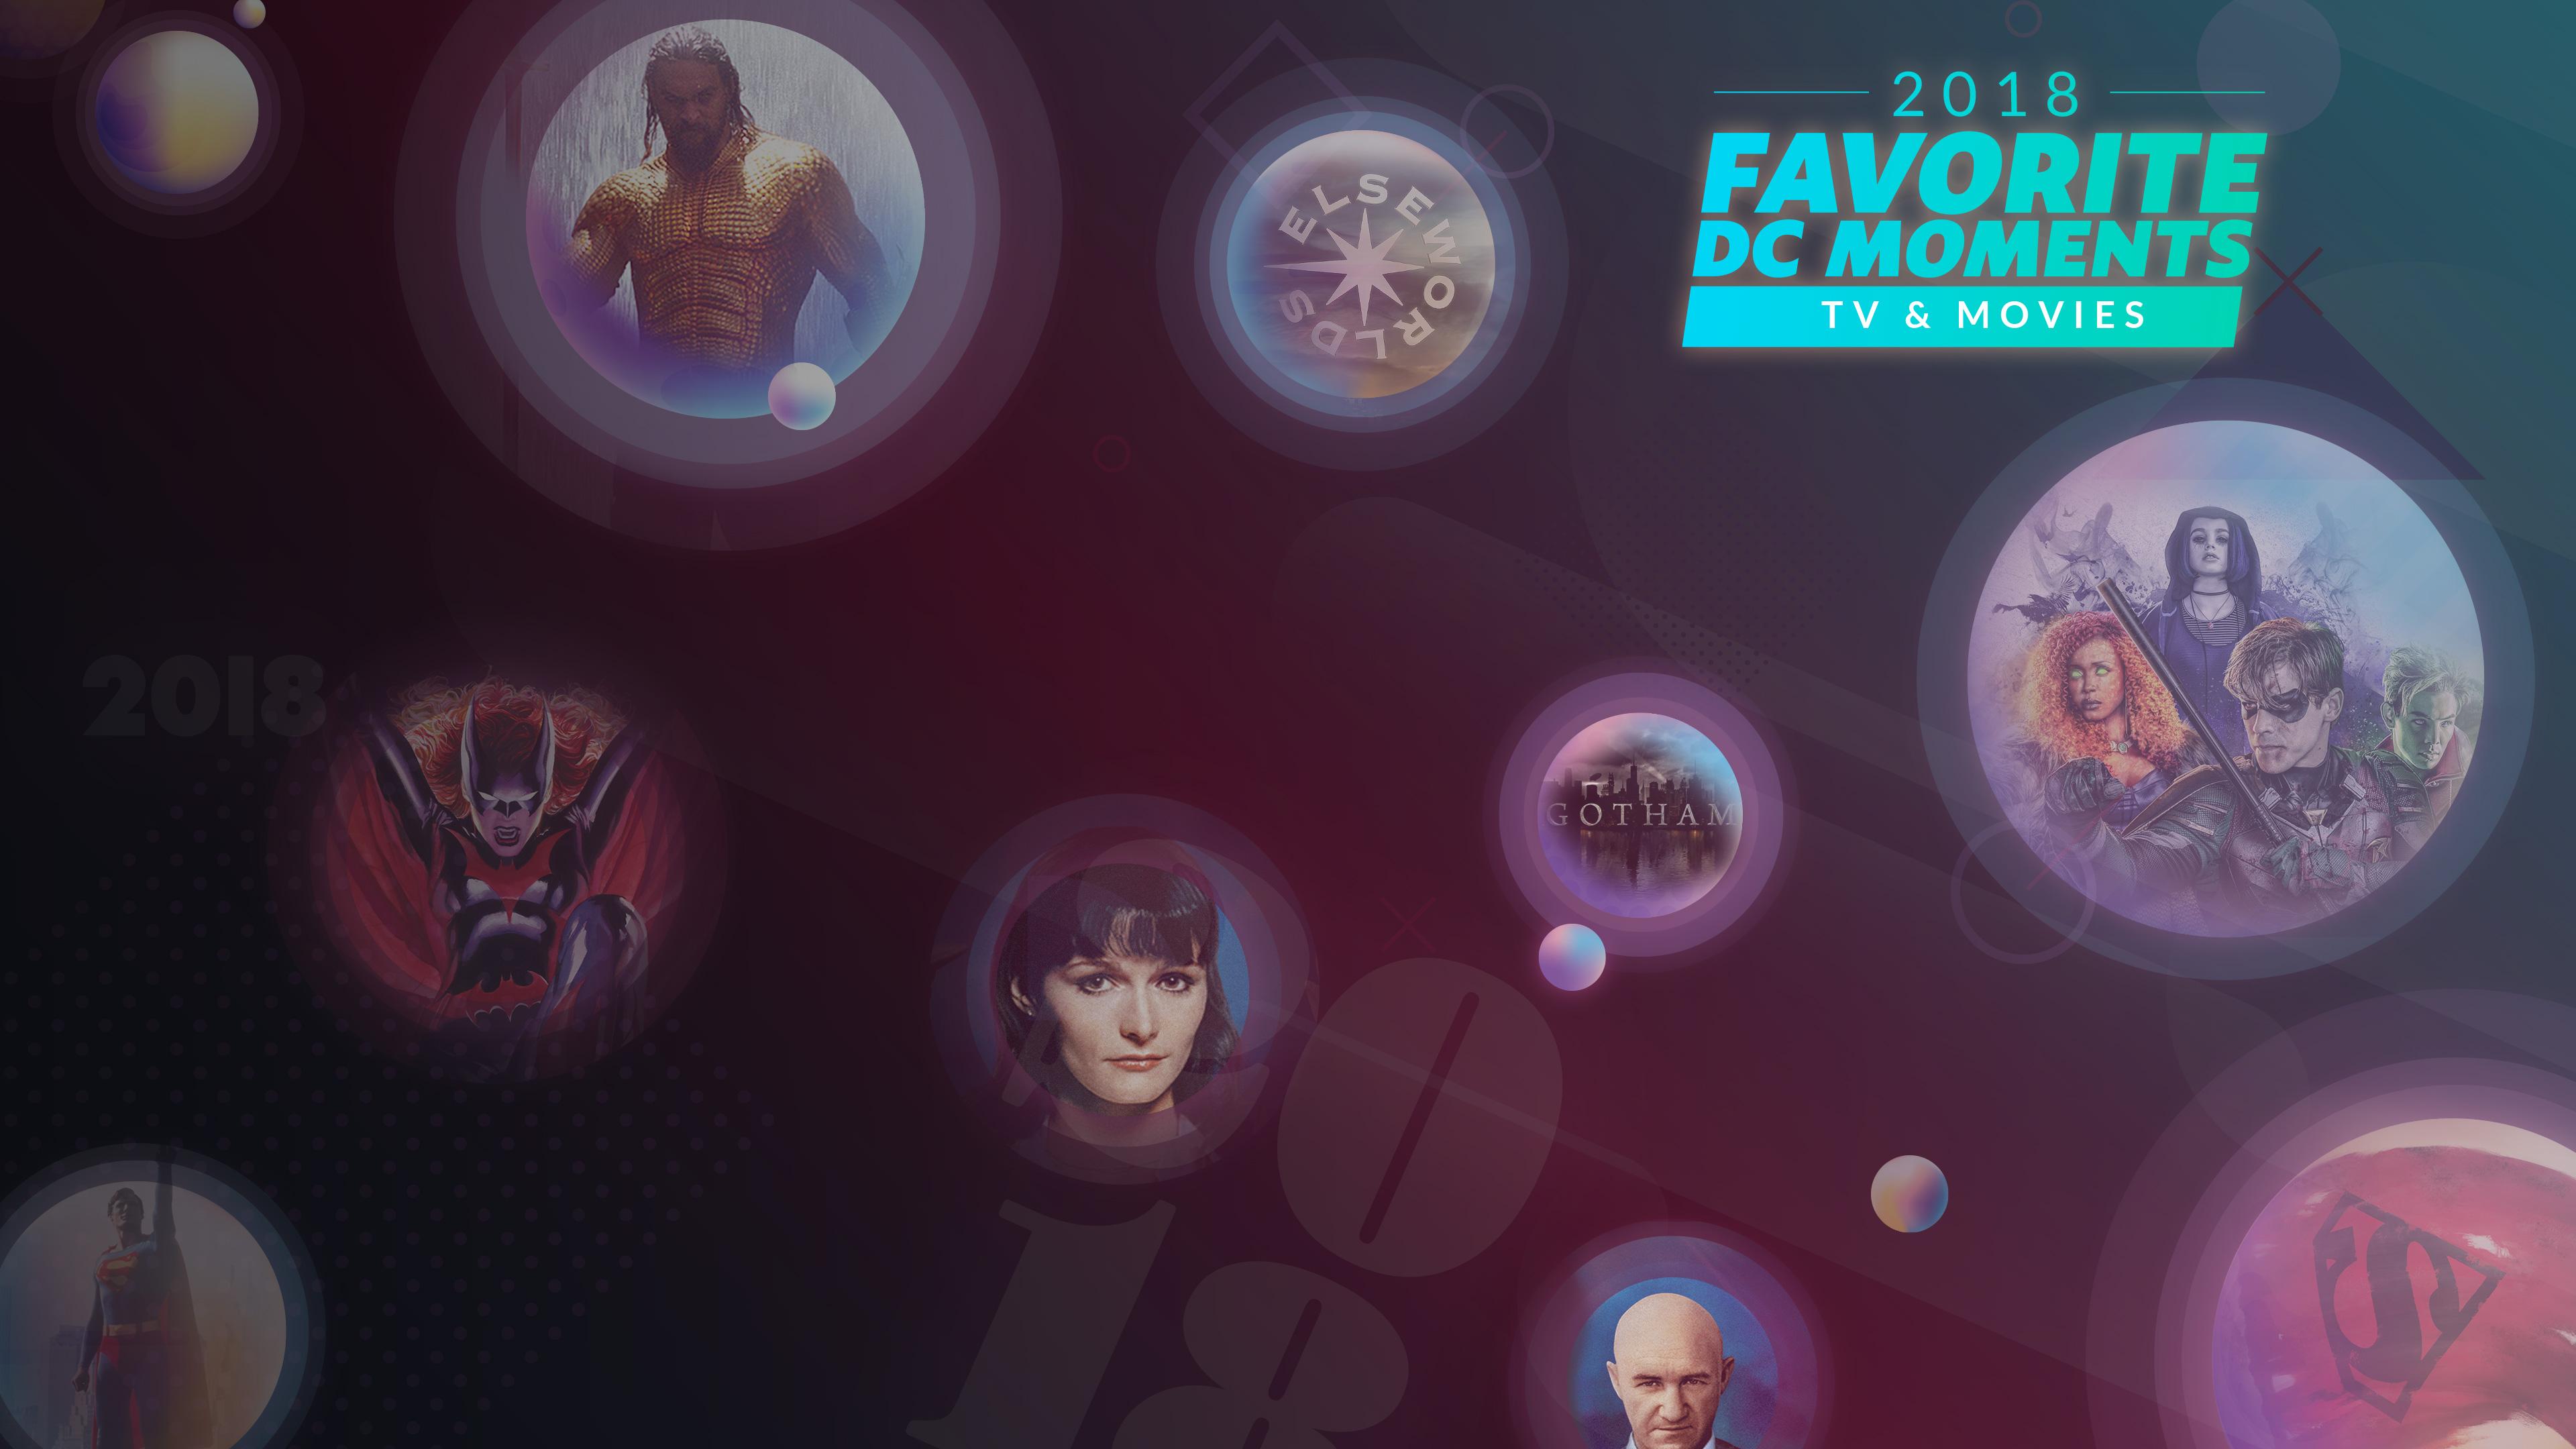 FaveDCMoments-tvmovies-poll-122818-v1-HEADER.jpg